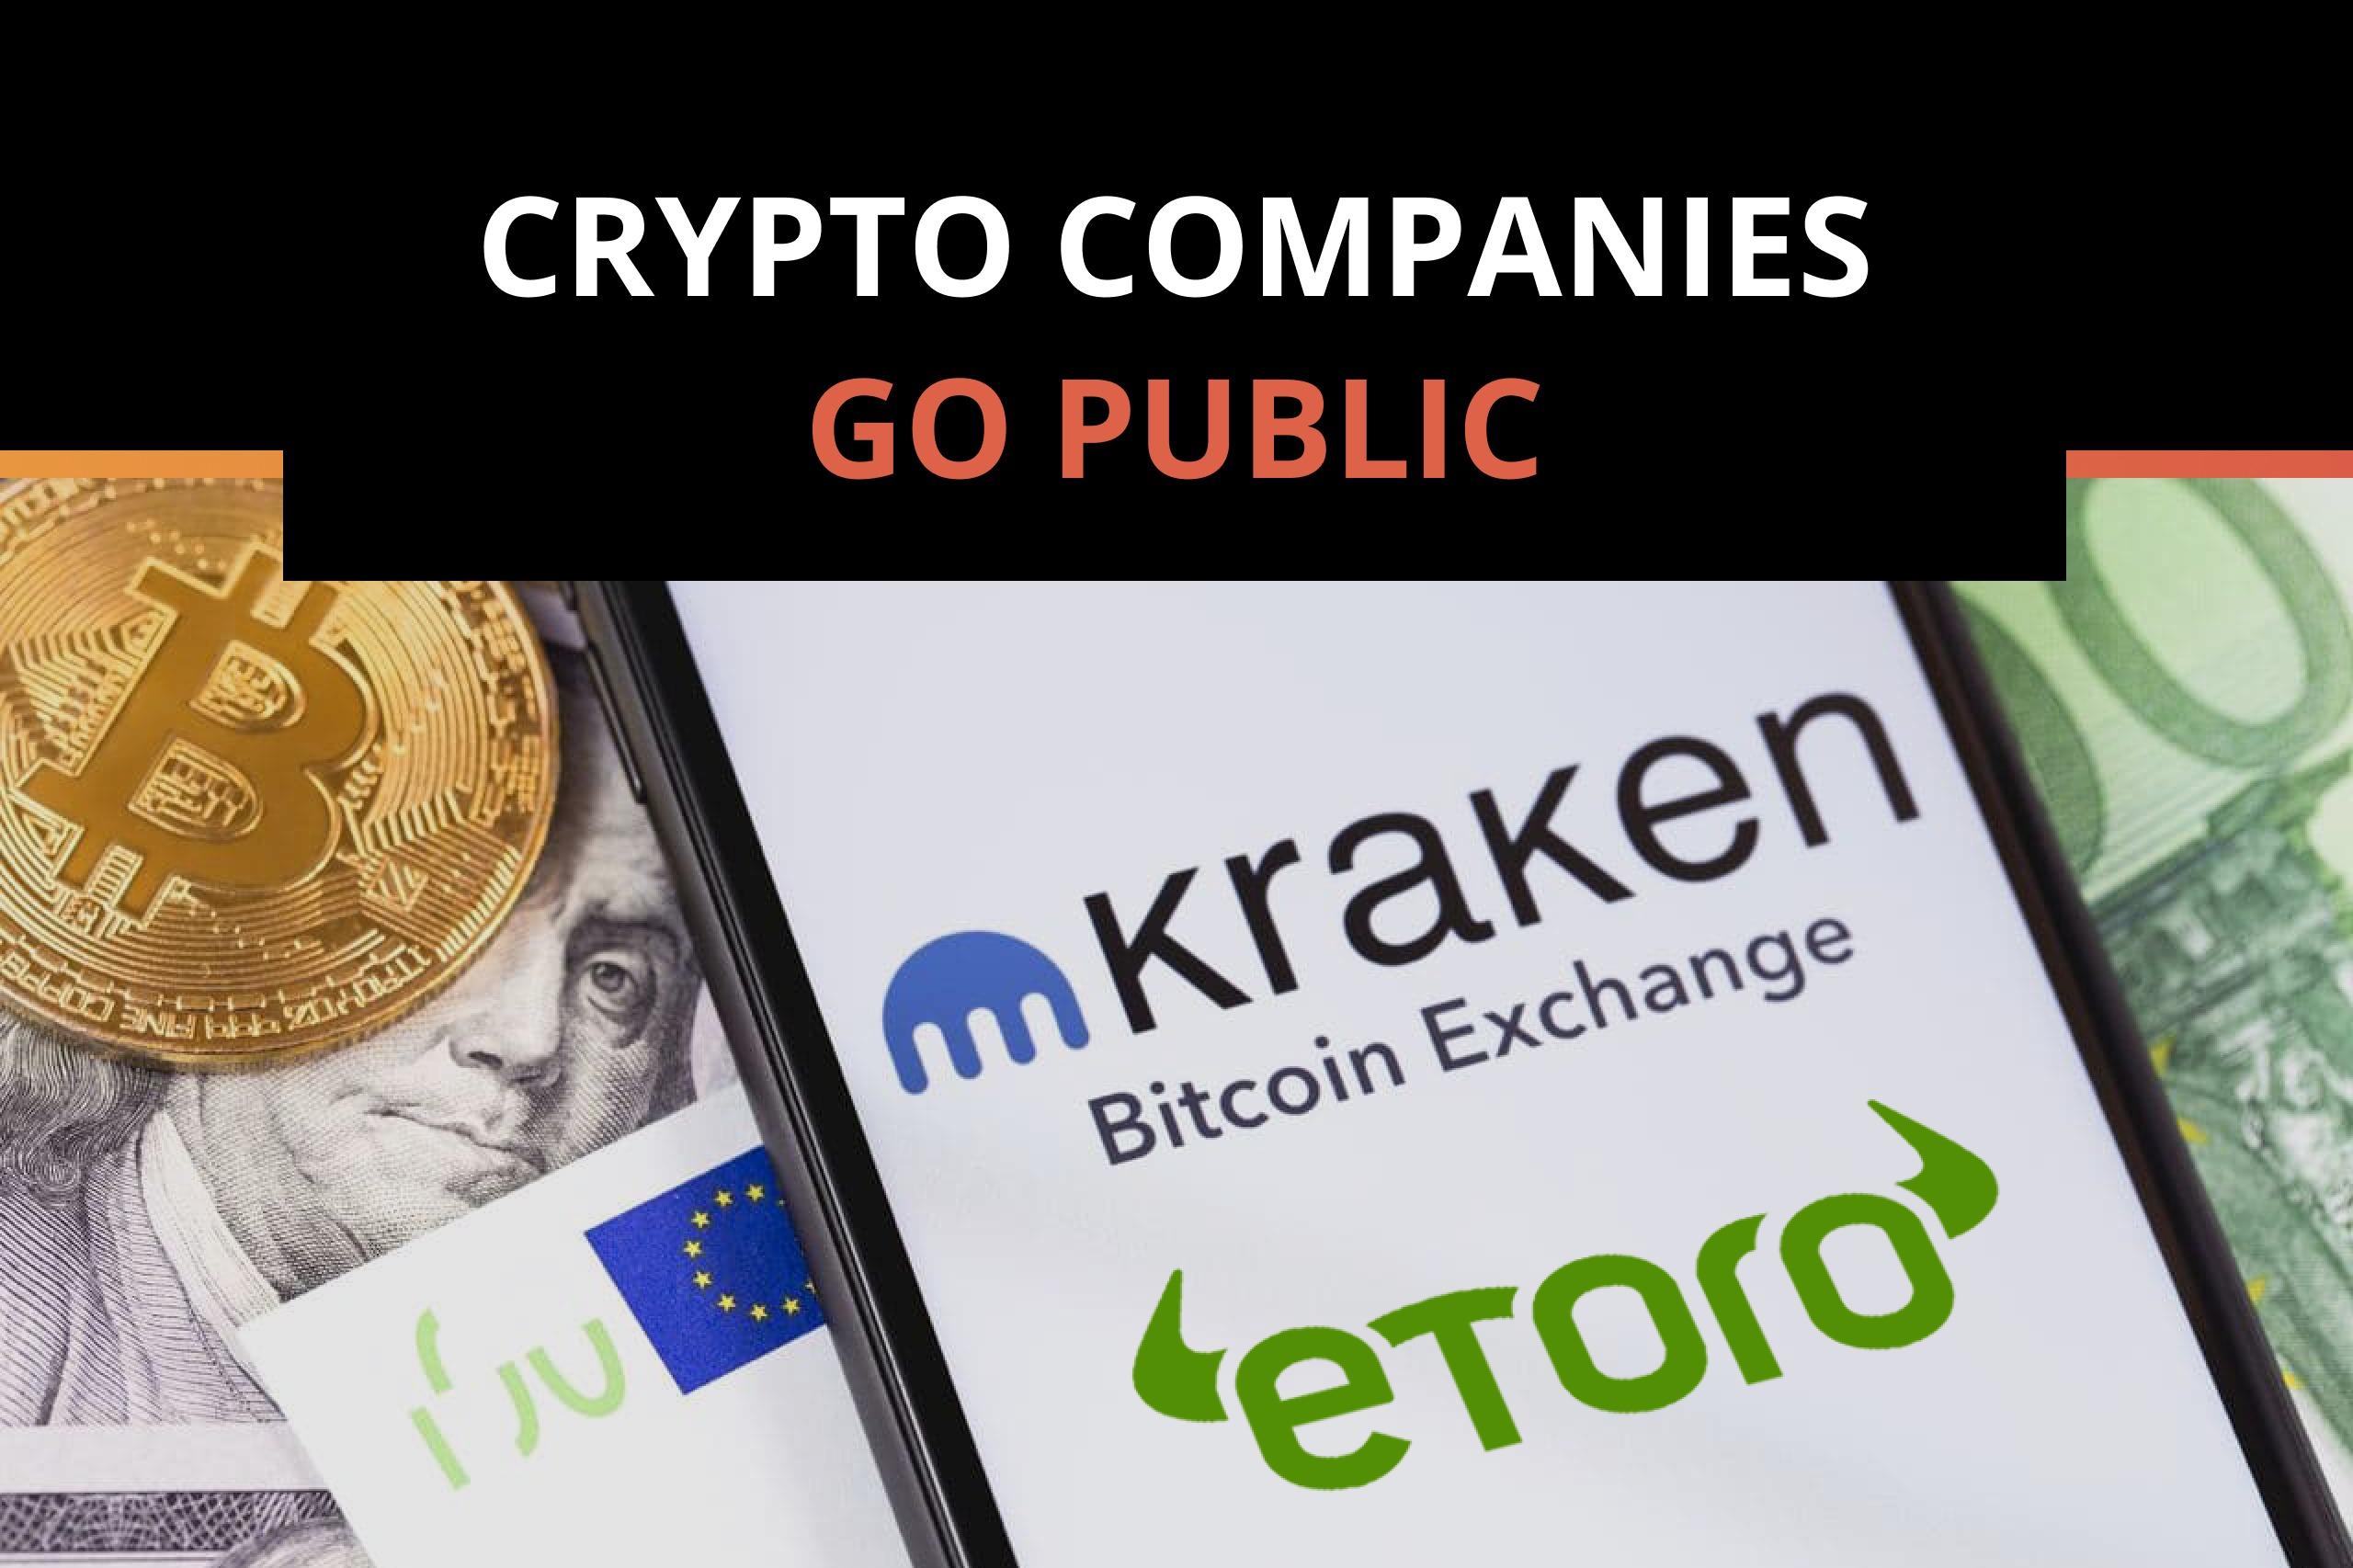 Crypto Companies Like Kraken and eToro May Go Public